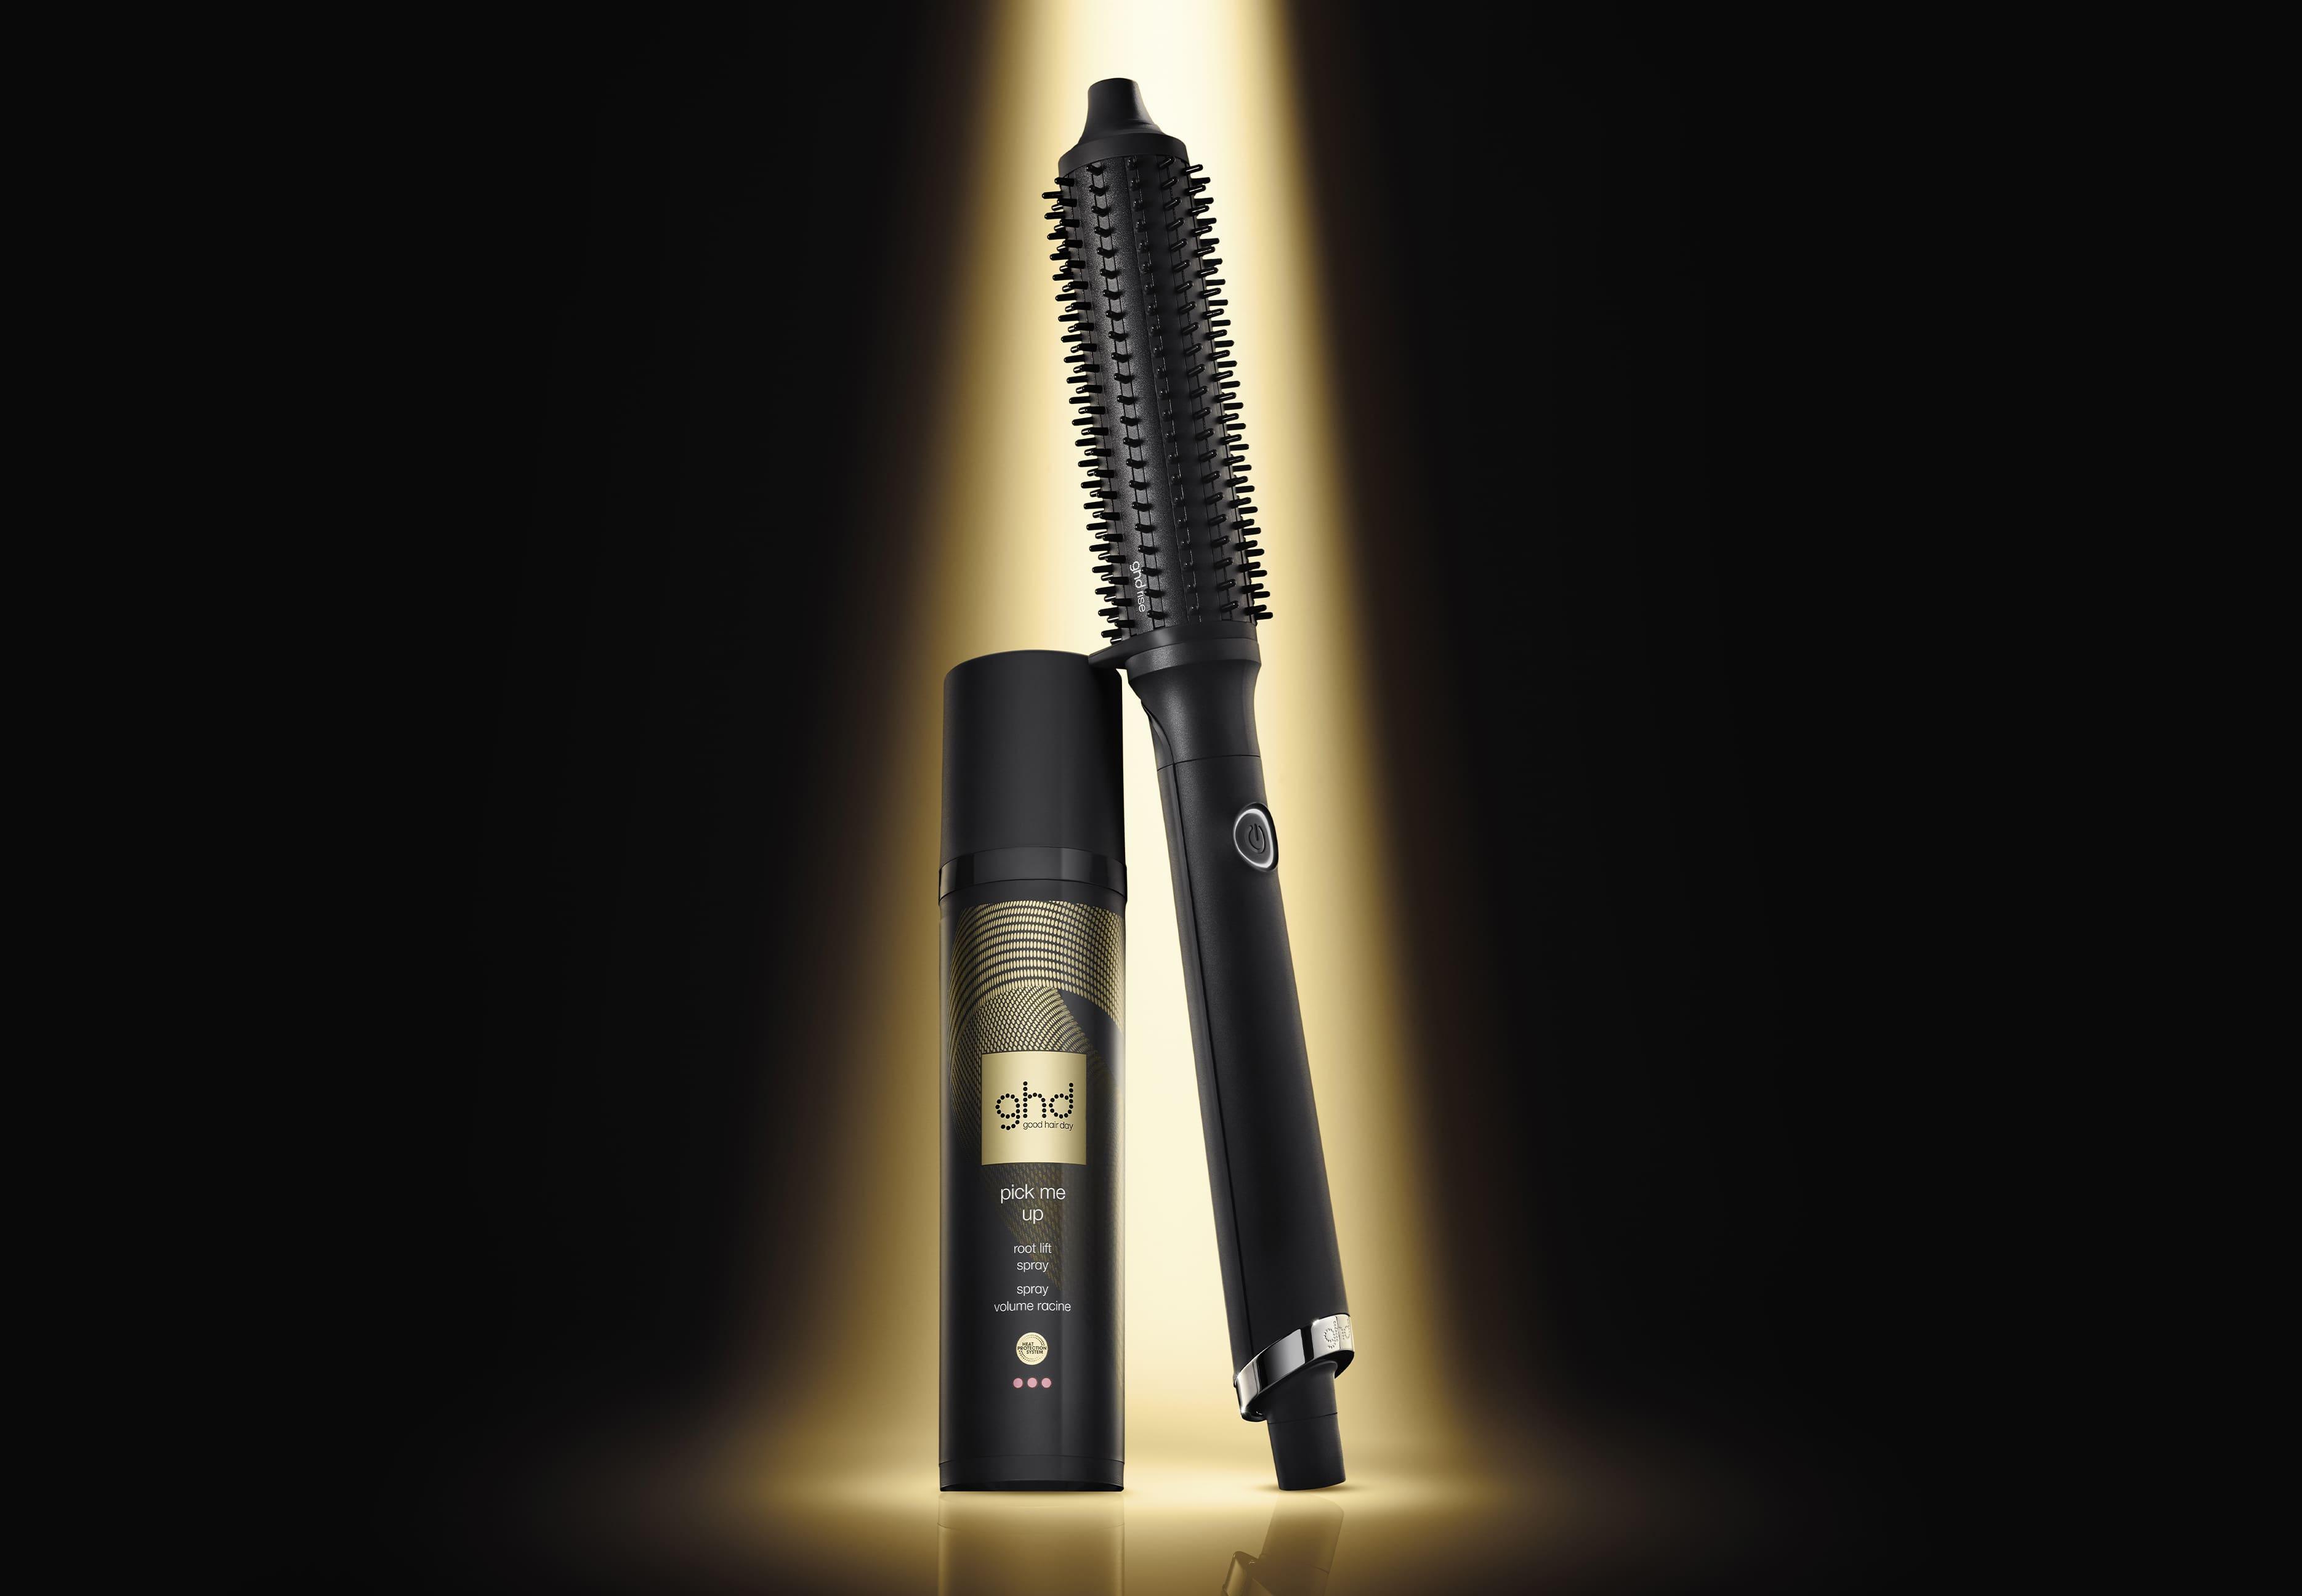 ghd rise™ Hot Brush mit Spray für Ansatzvolumen